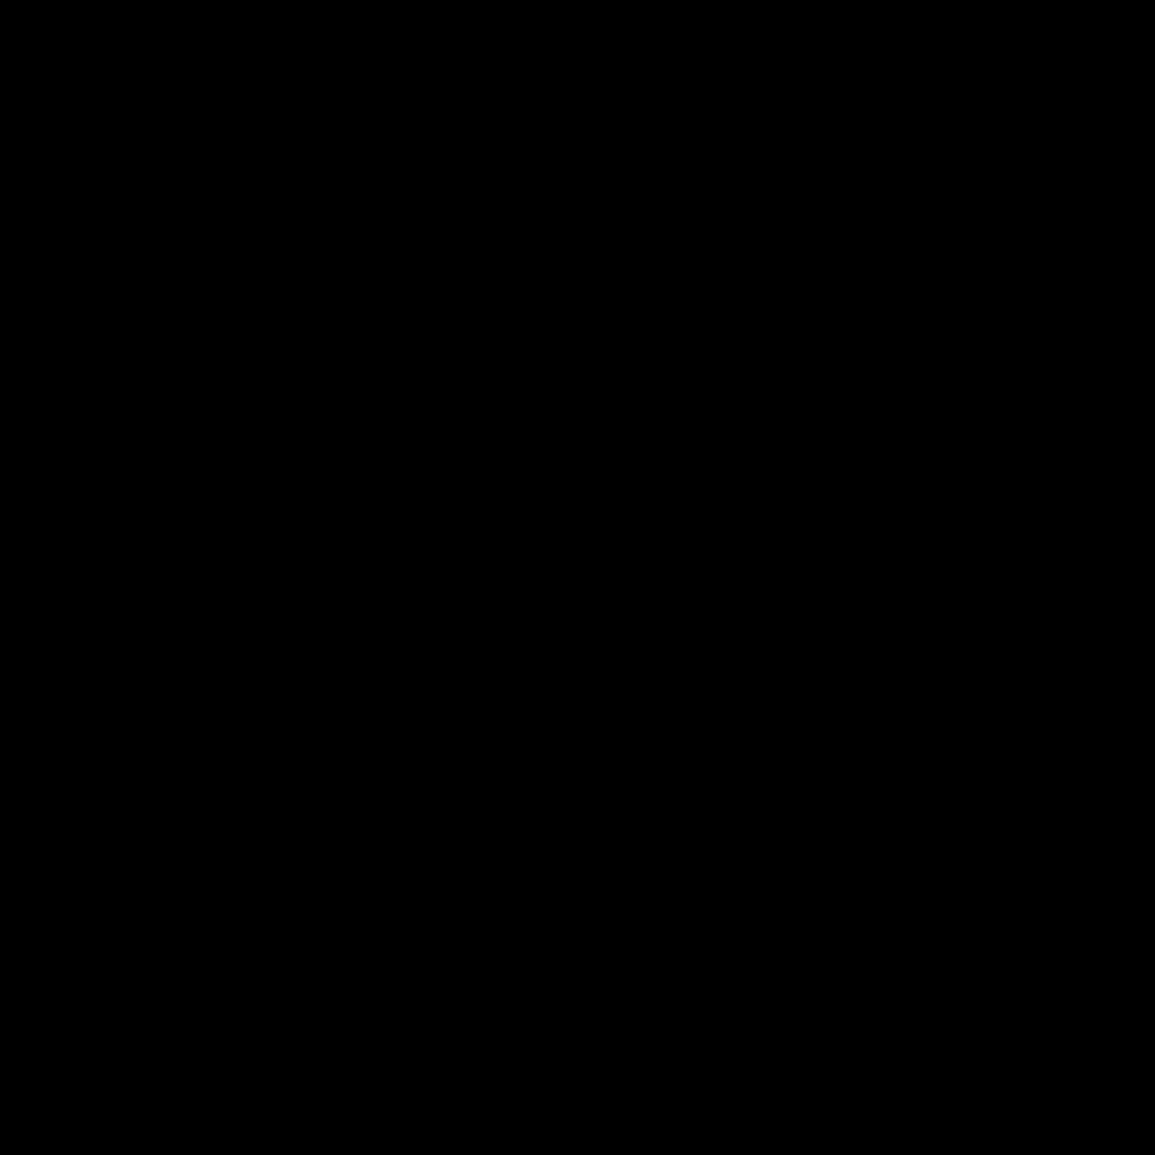 イナピエロ B BEPR 字形見本